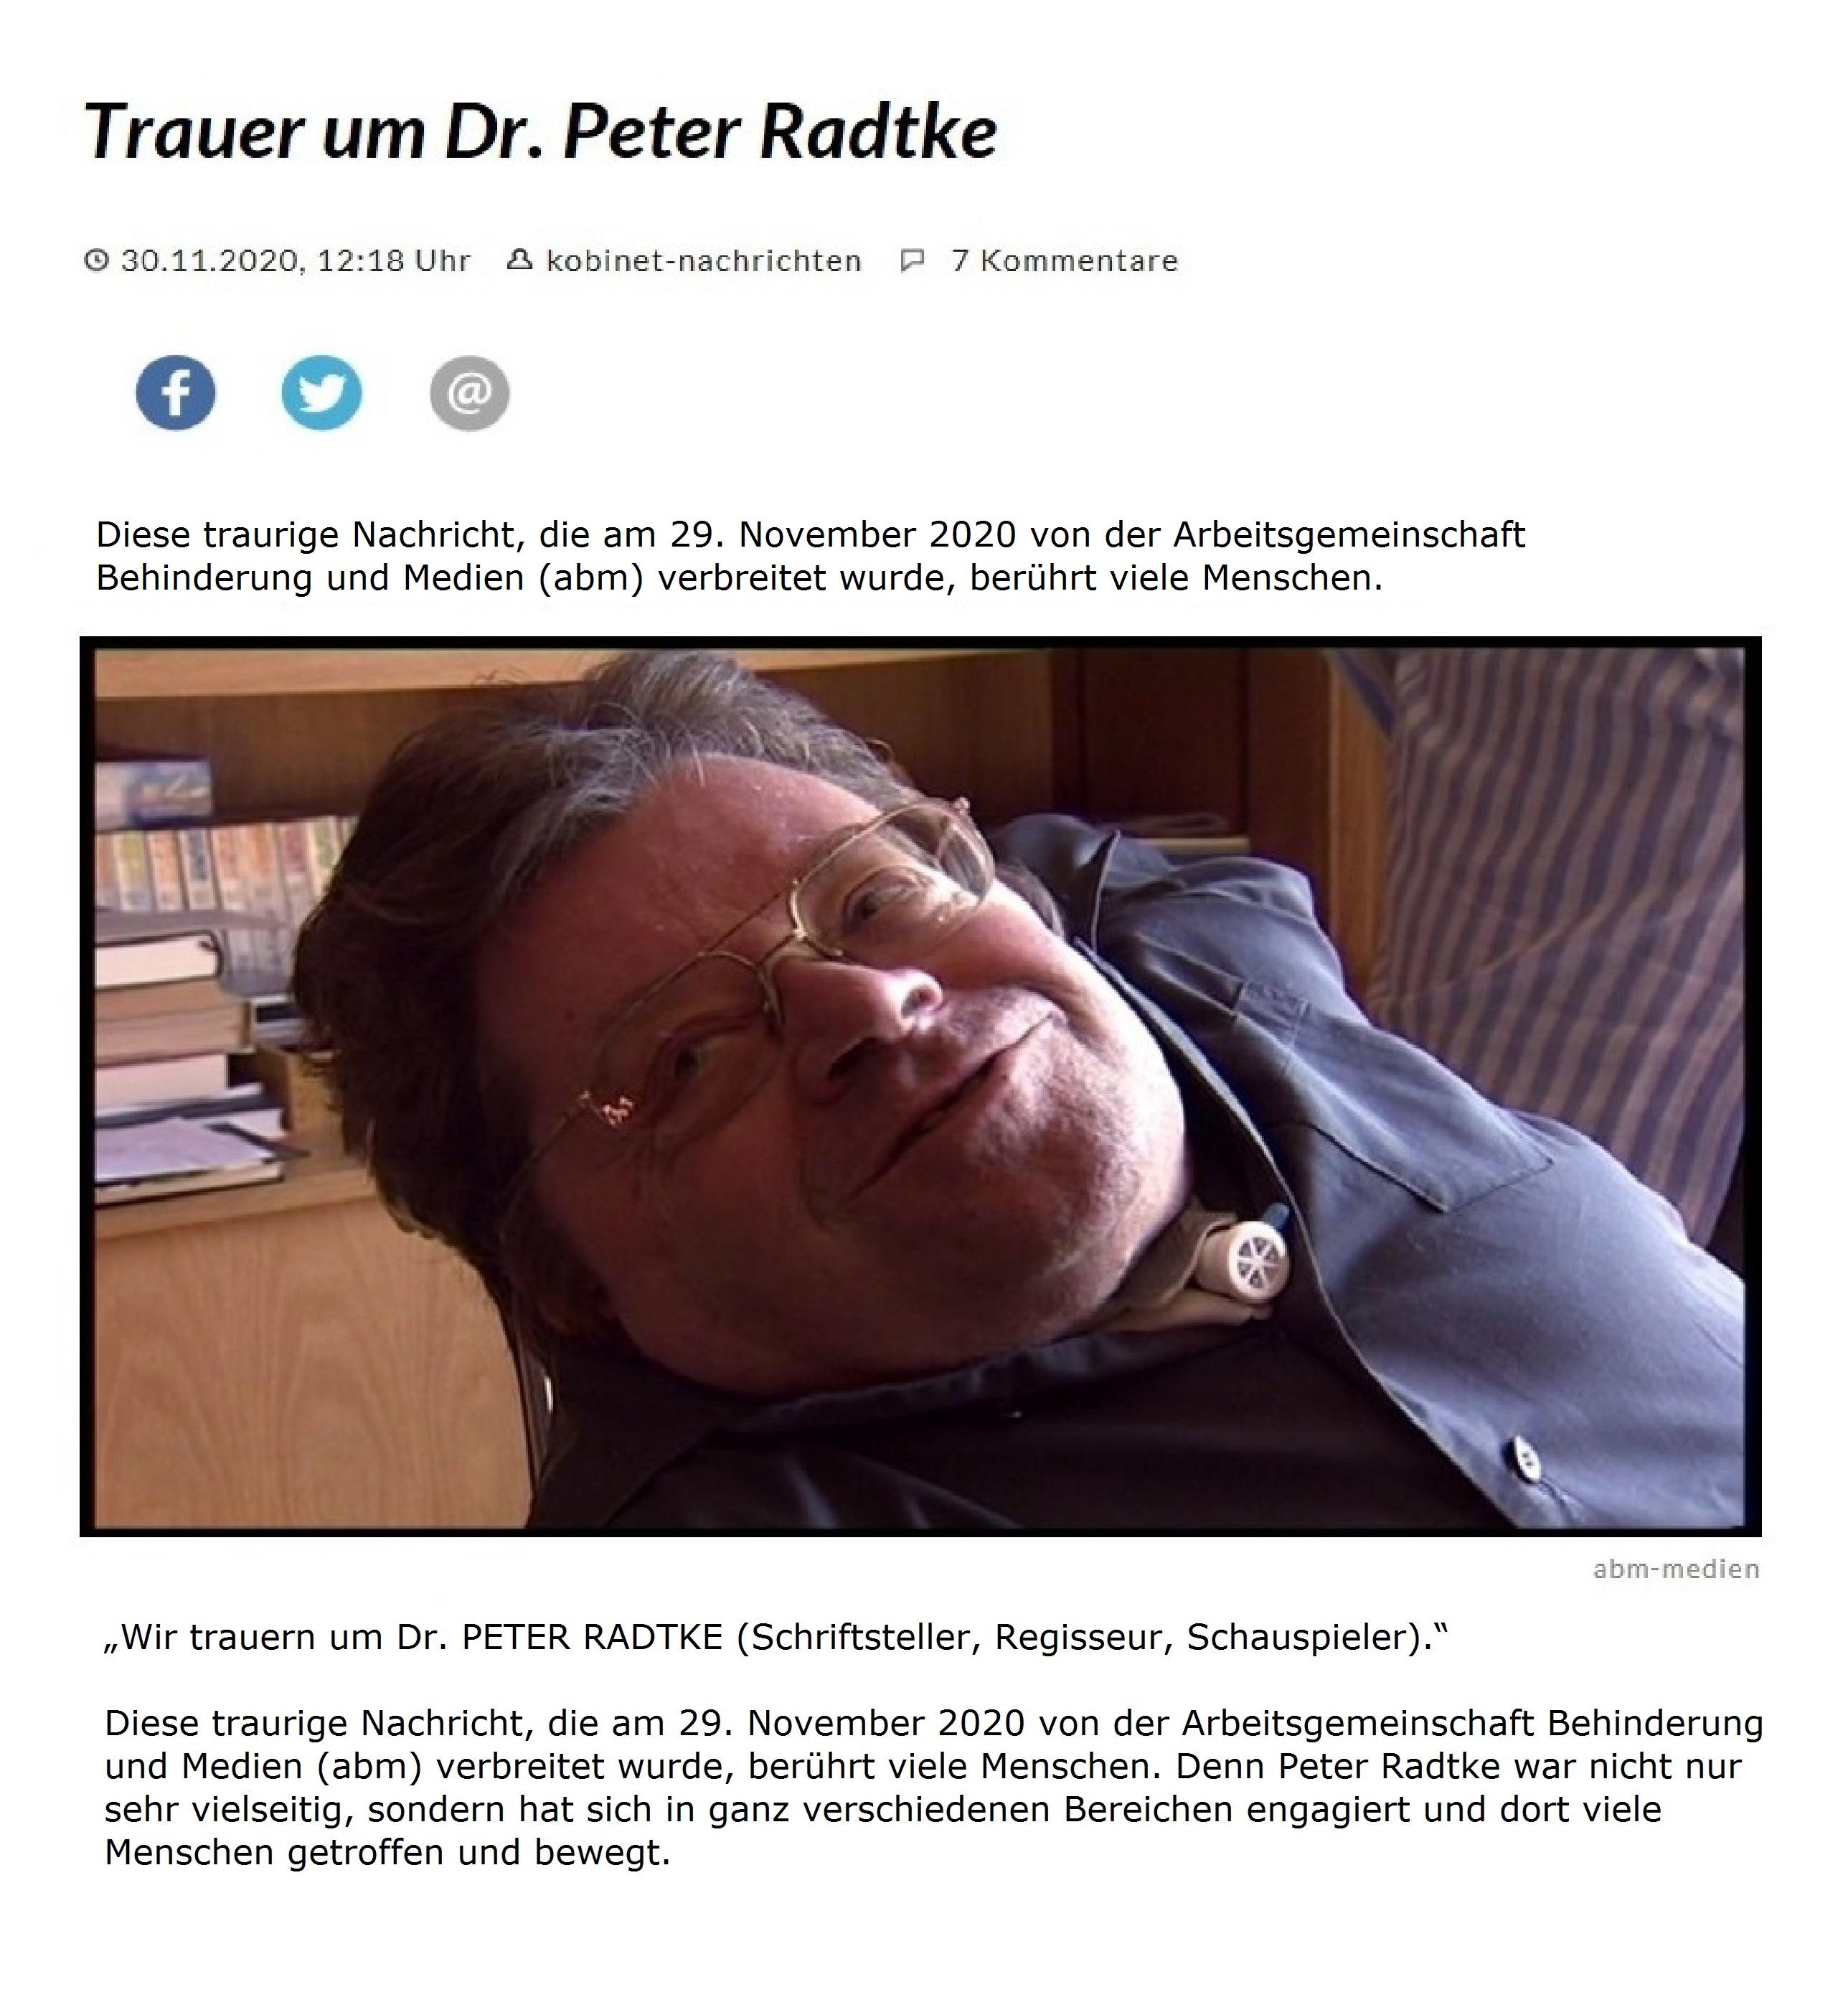 Trauer um Dr. Peter Radtke, Schriftsteller, Regisseur, Schauspieler.